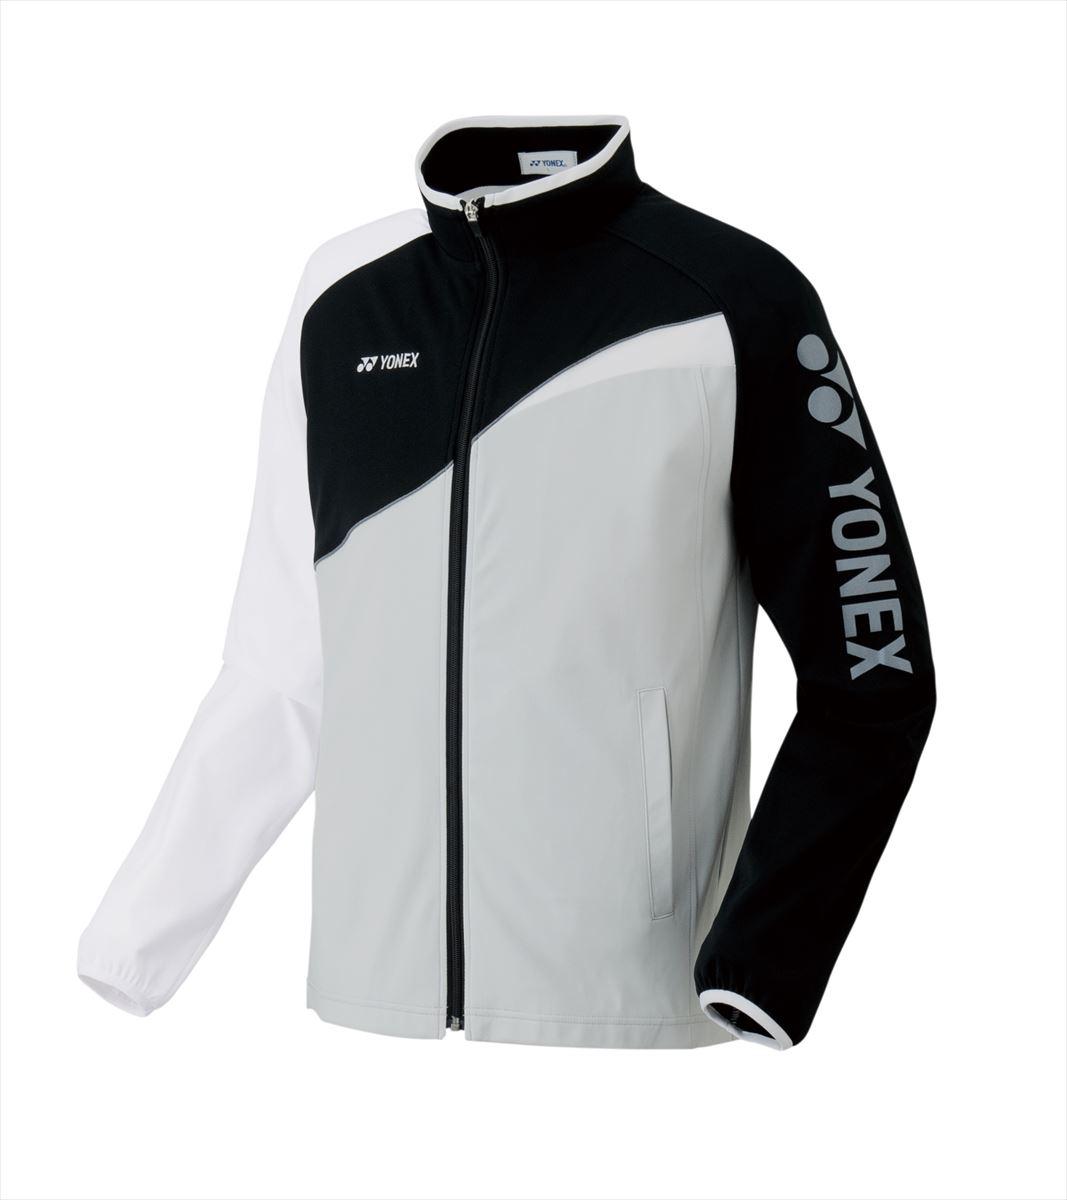 ヨネックス YONEX 52012 テニス・バドミントン ウェア(メンズ/ユニ) ユニニットウォームアップシャツ ブラック/ホワイト 17SS